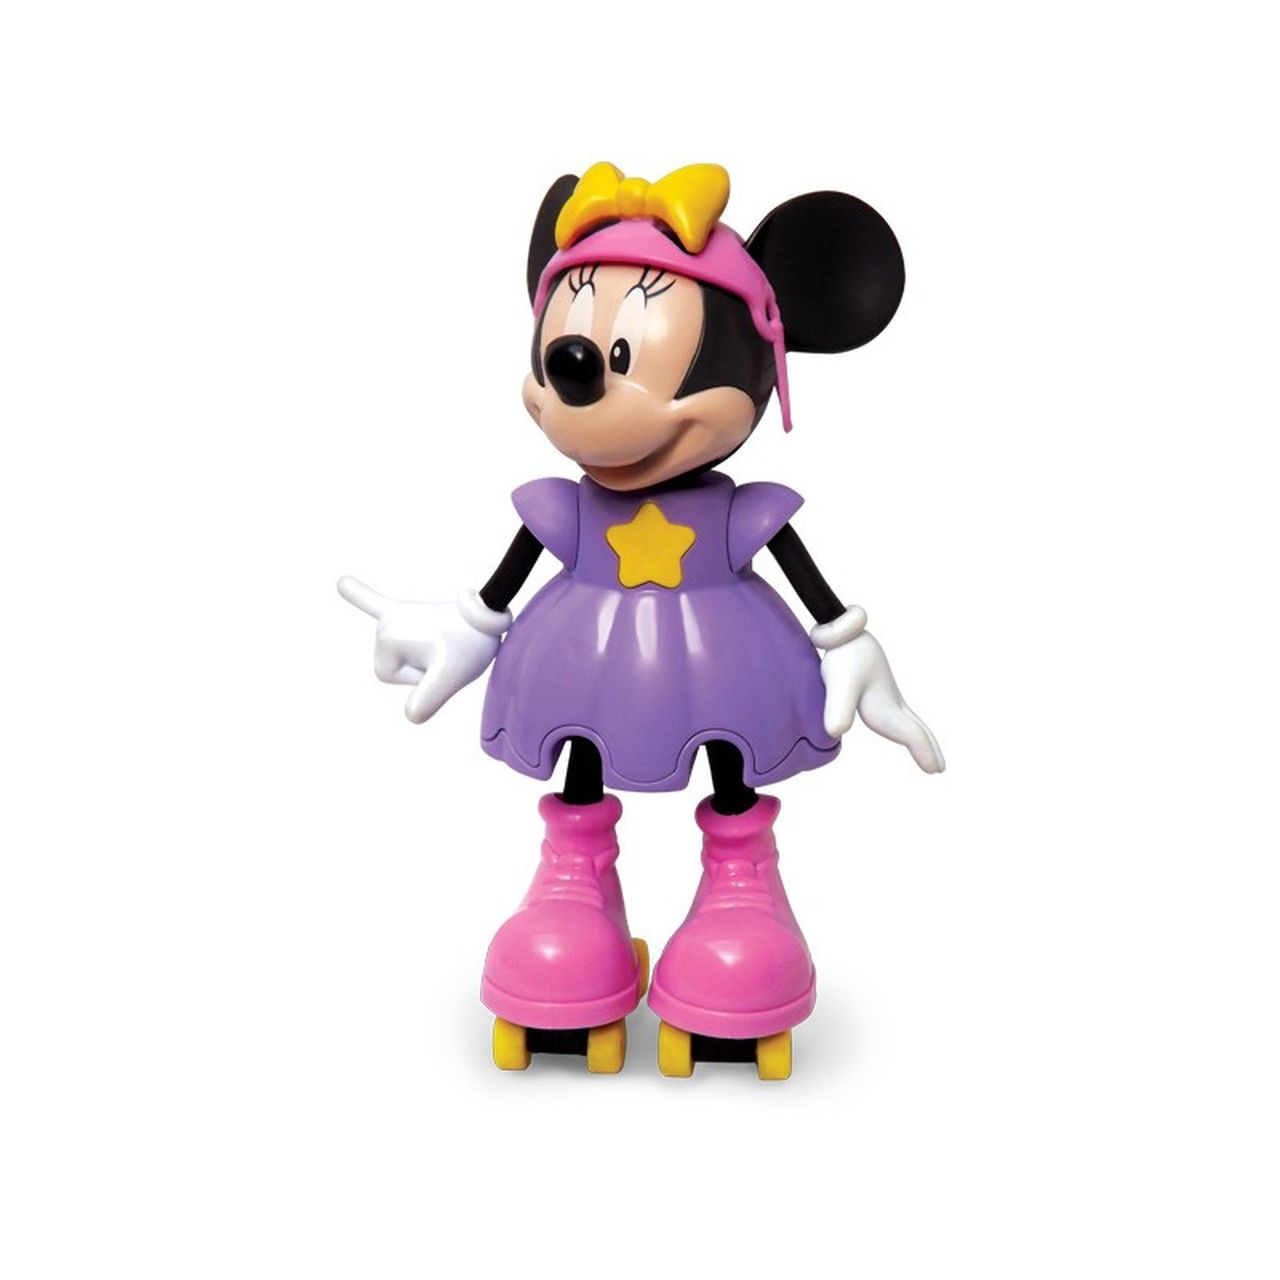 Boneca Minnie Patinadora Disney - Elka